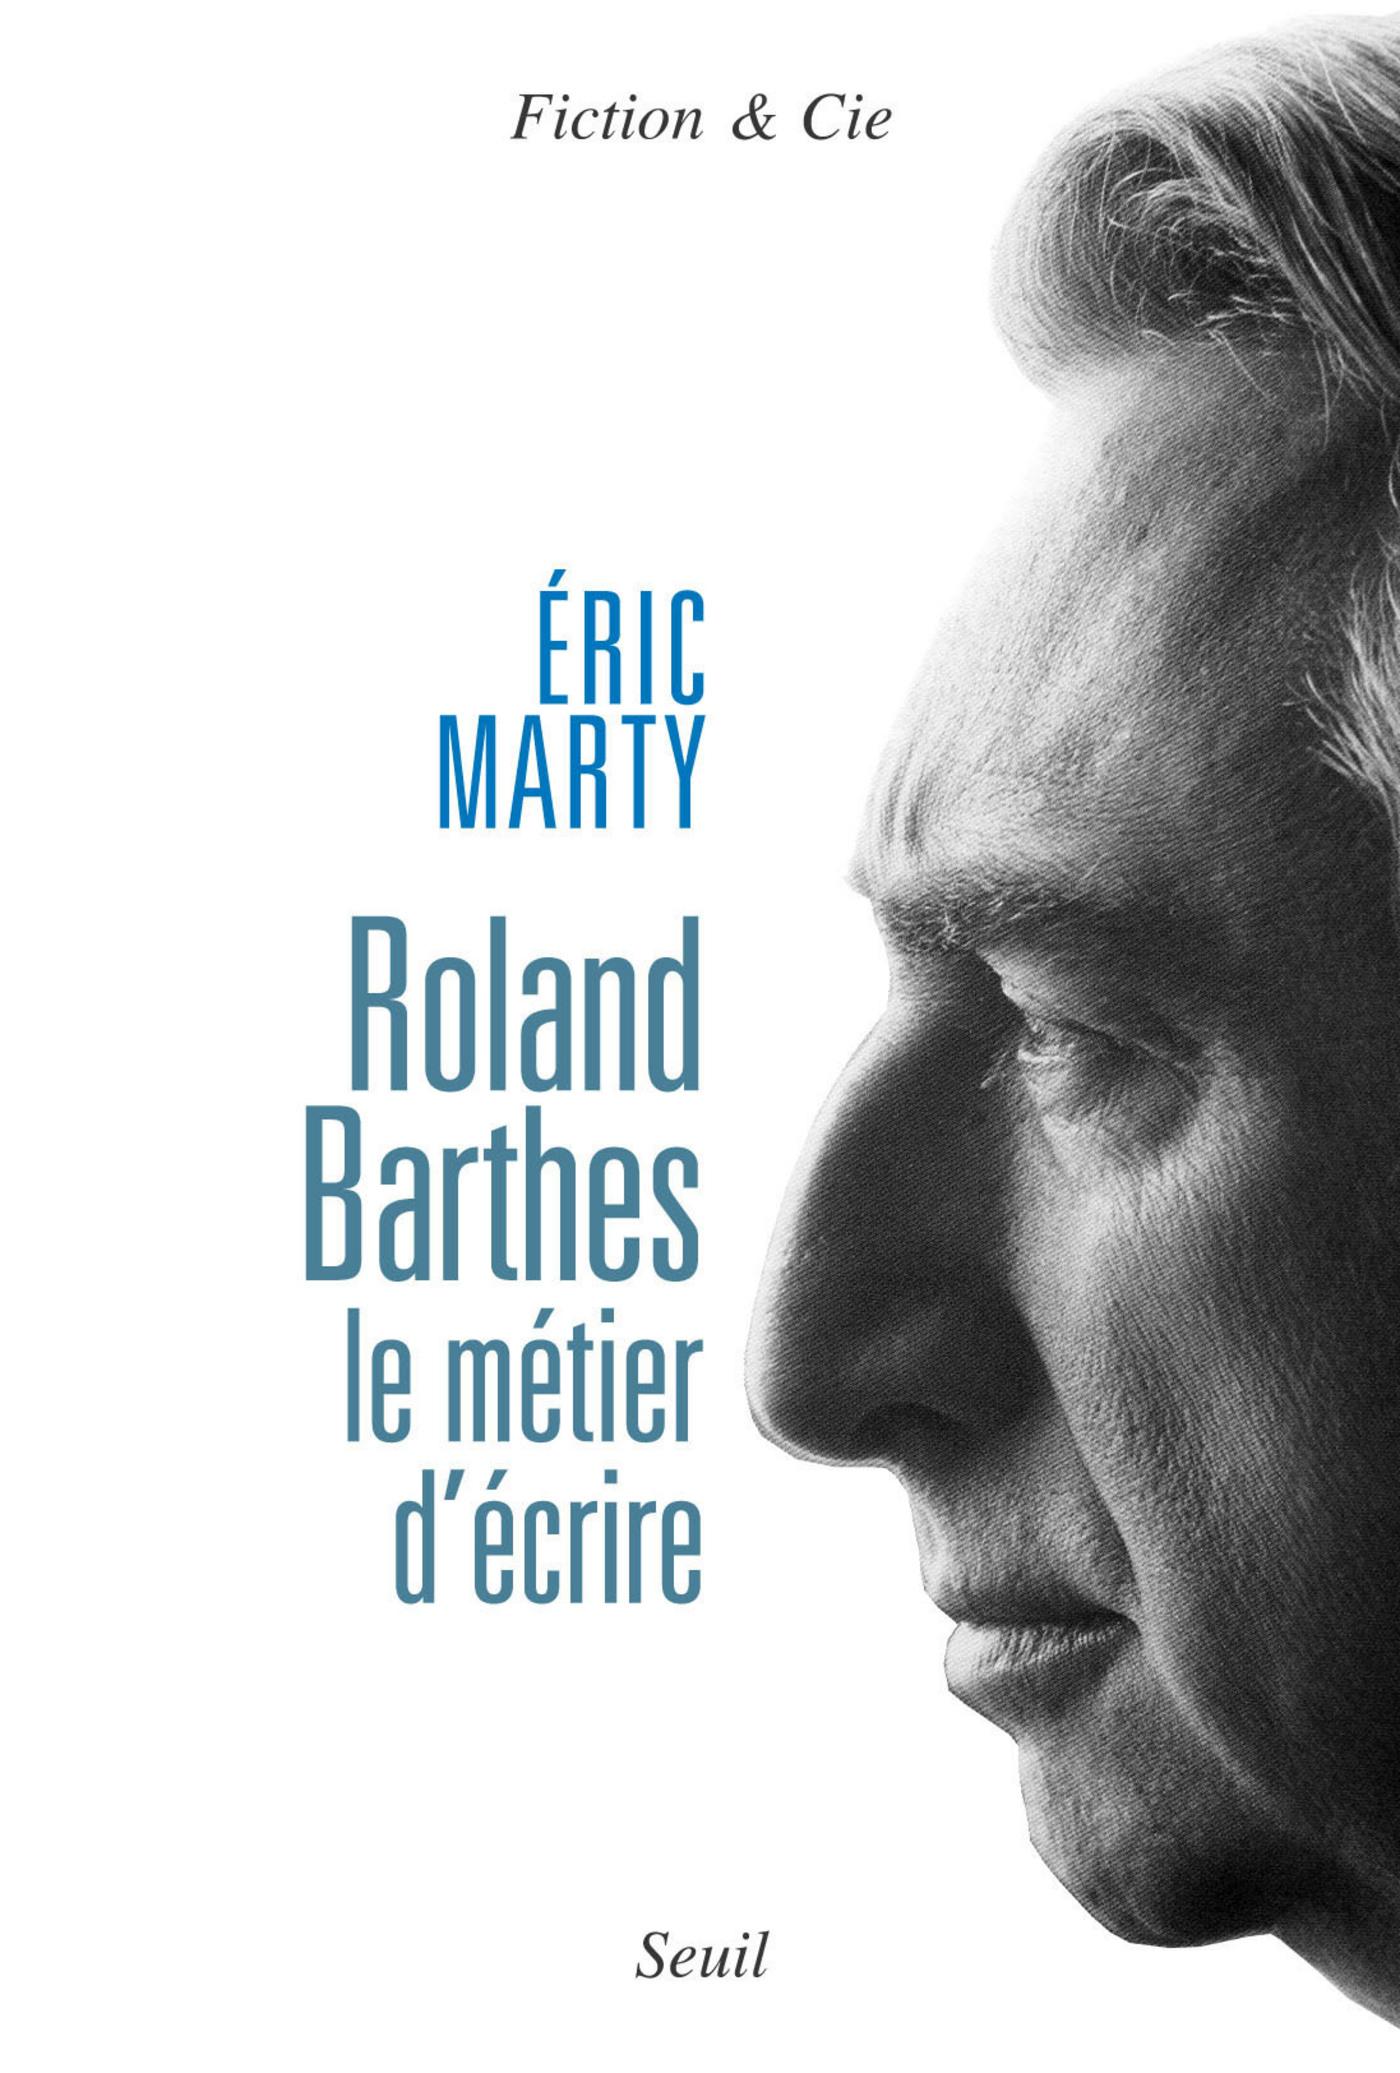 Roland Barthes, le métier d'écrire | Marty, Eric